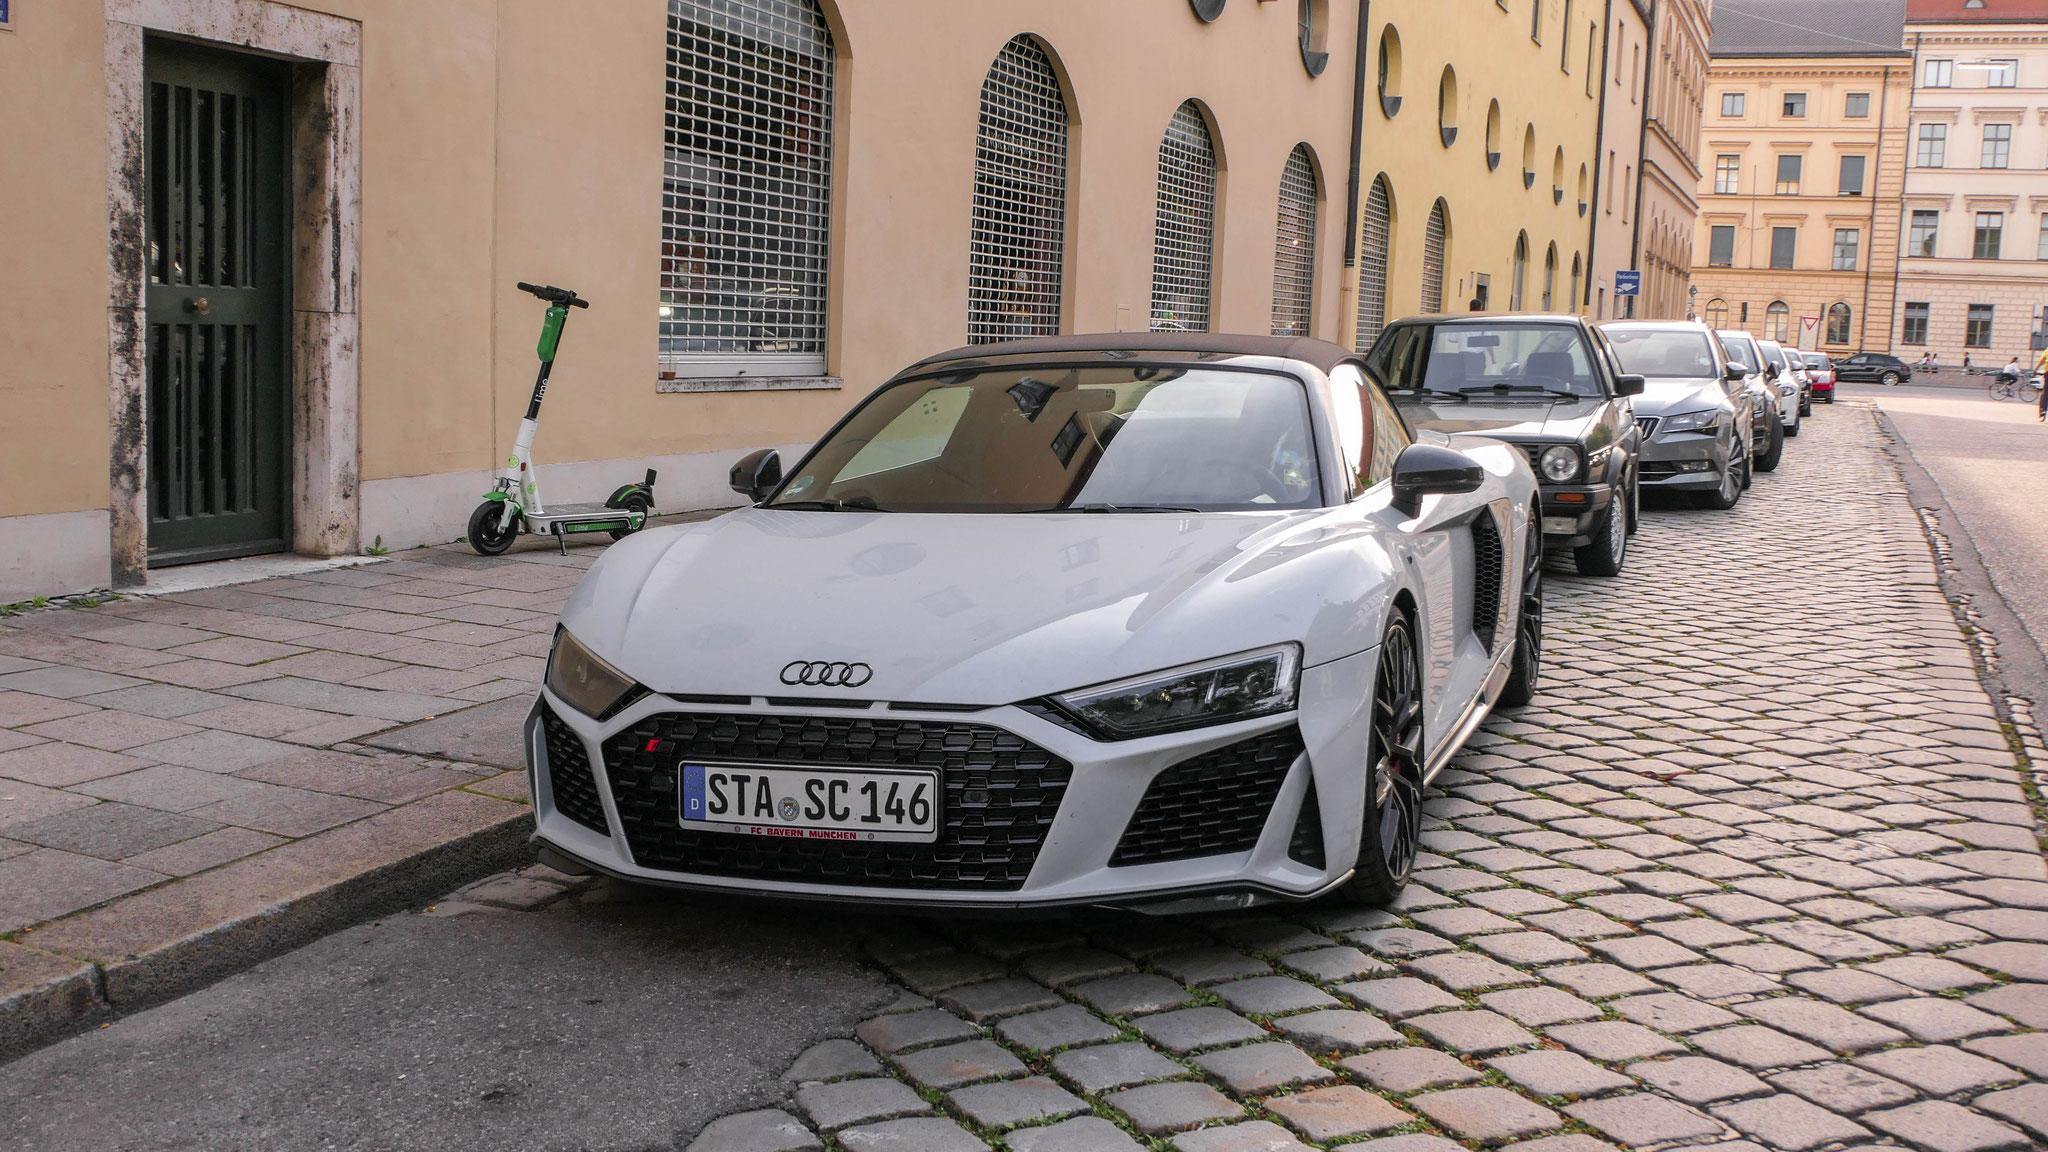 Audi R8 V10 Spyder - STA-SC-146